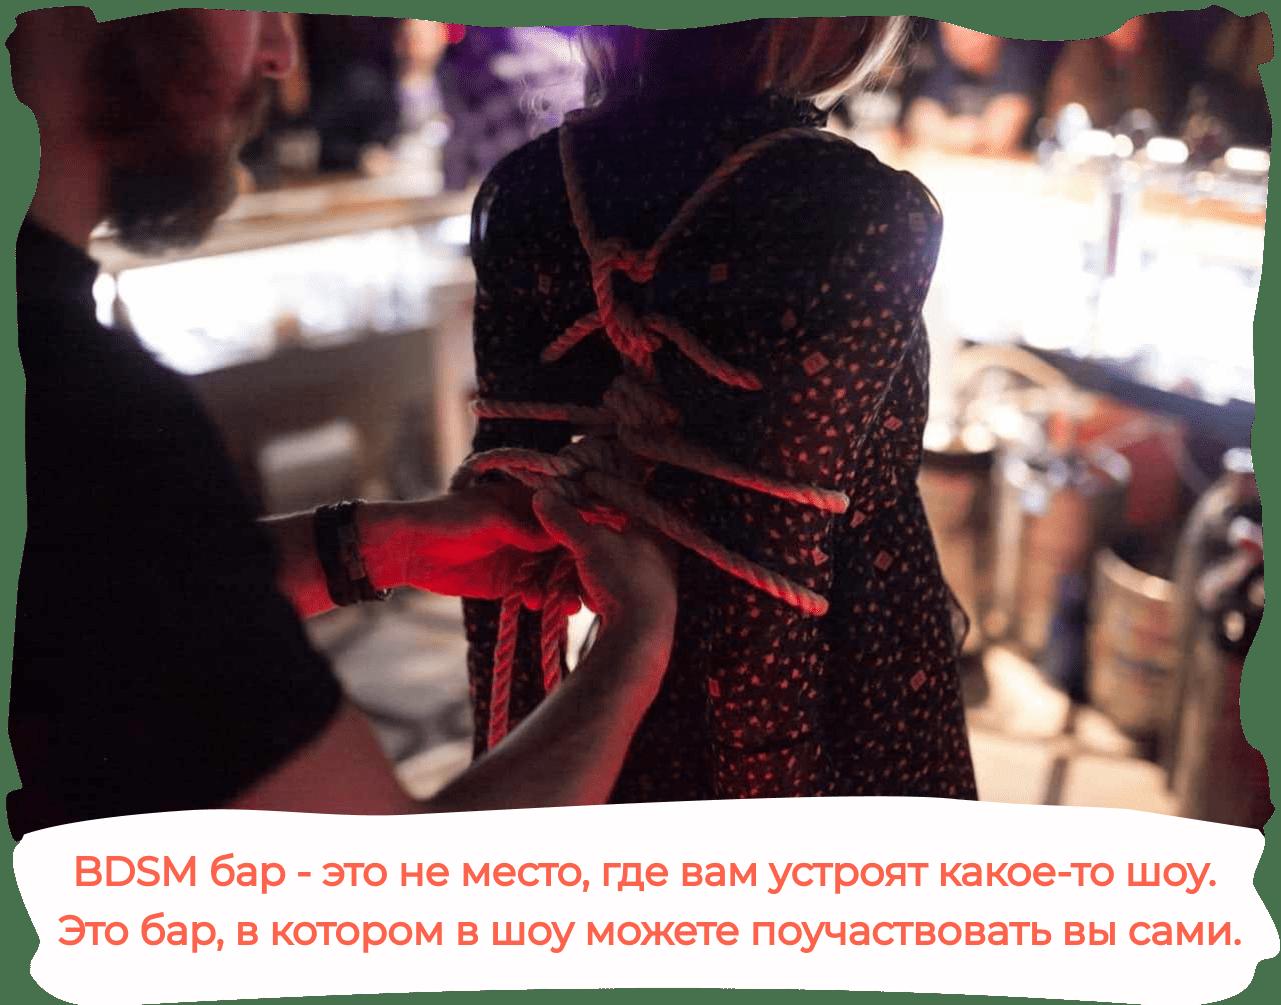 BDSM бар - это не место, где вам устроят какое-то шоу. Это бар, в котором в шоу можете поучаствовать вы сами.